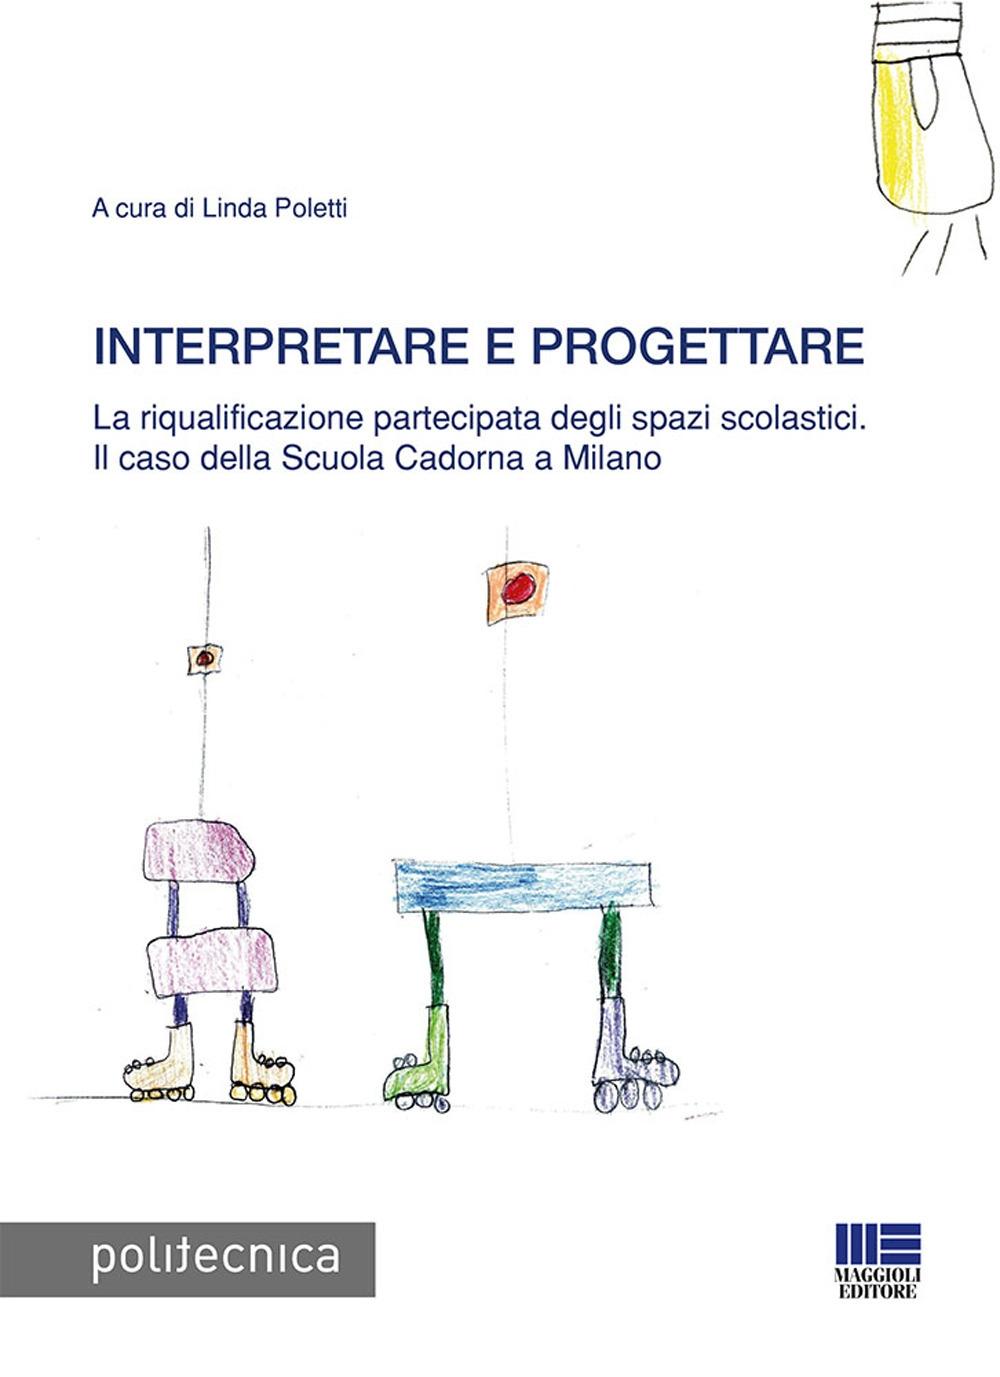 Interpretare e progettare. La riqualificazione partecipata dagli spazi scolastici. Il caso della Scuola Cadorna a Milano